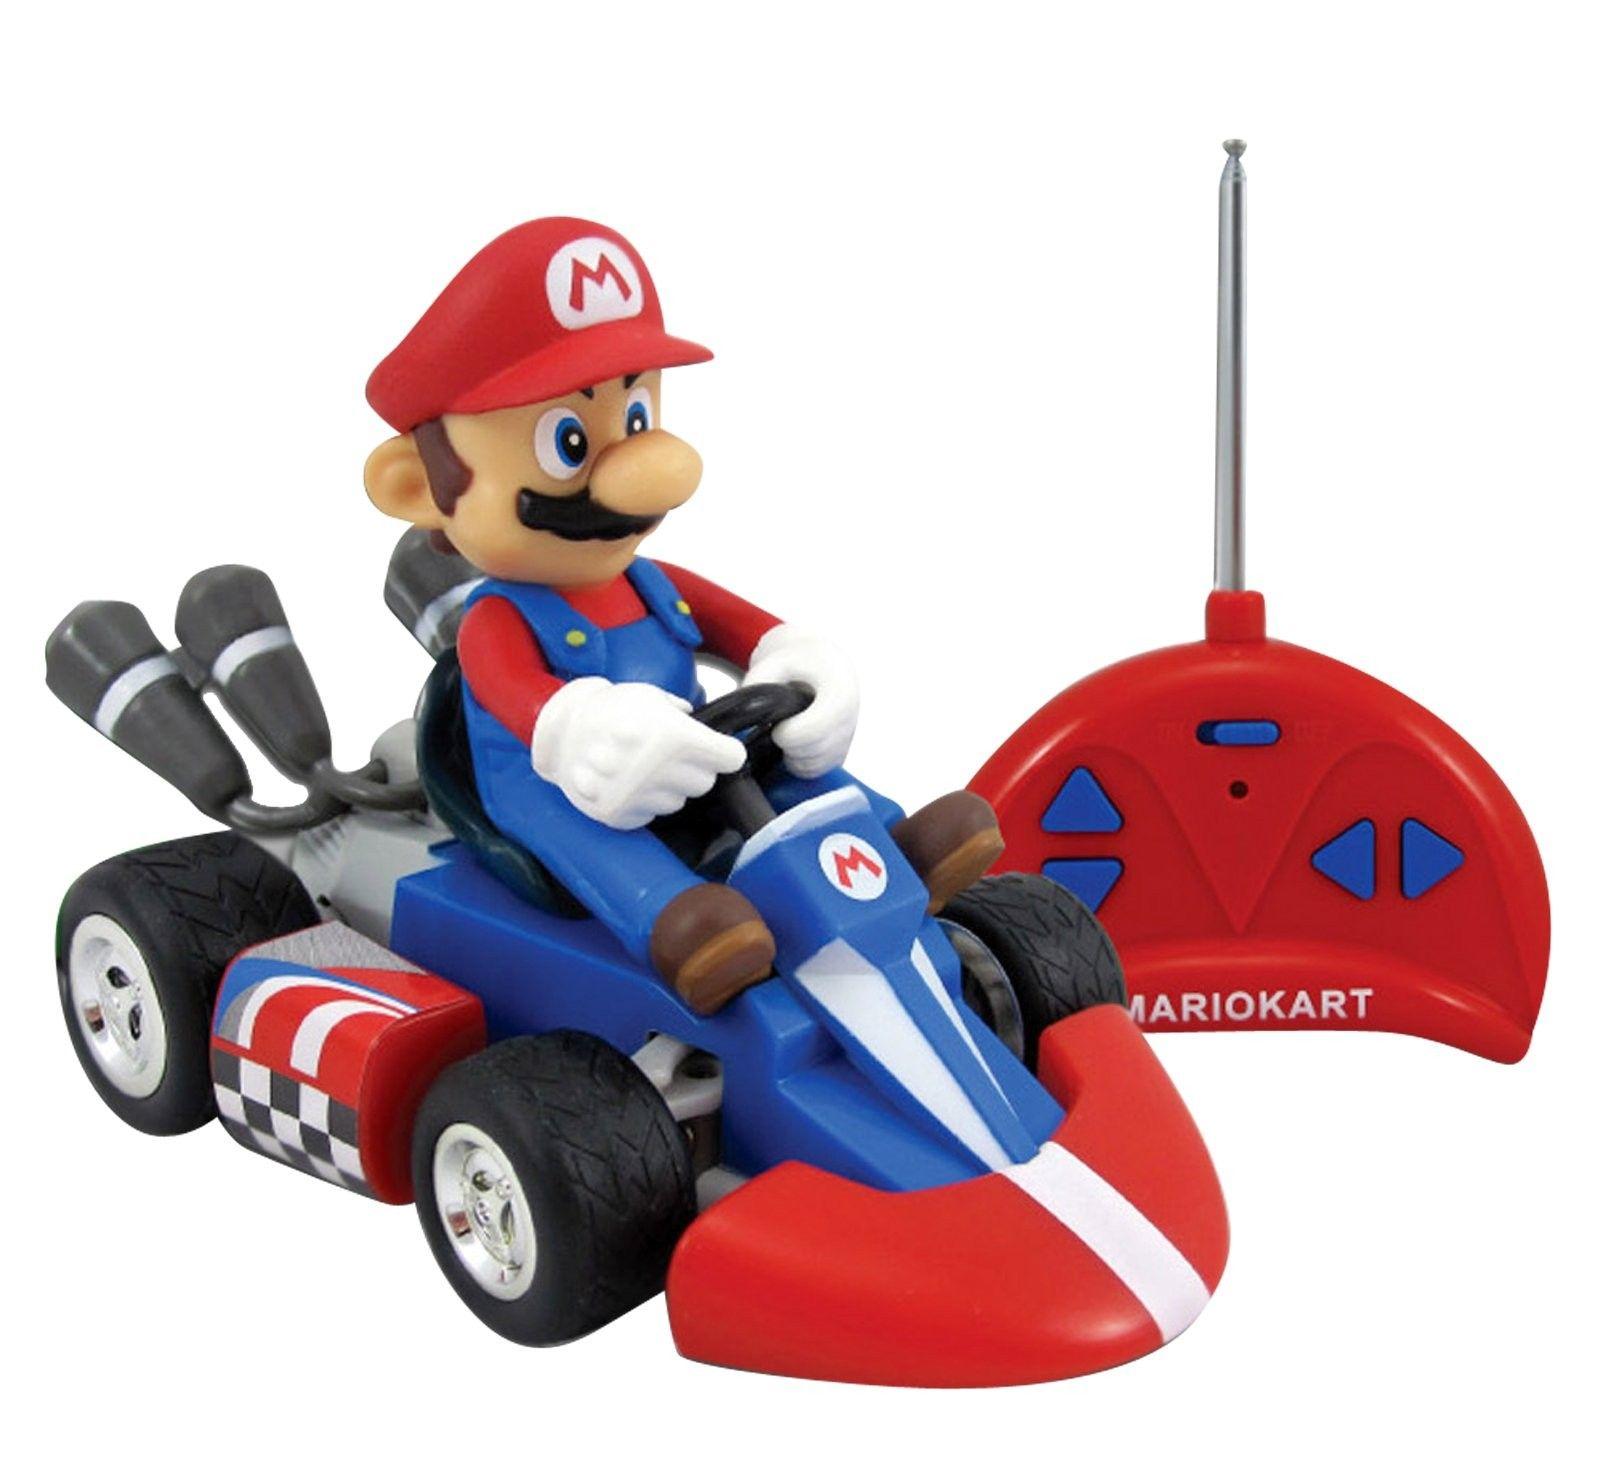 Super Mario Bros Mario Kart Small Radio Control Car Includes 1 Radio Controlled Car 1 24 Scale 1 Remote Con Mario Kart Super Mario Toys Radio Control